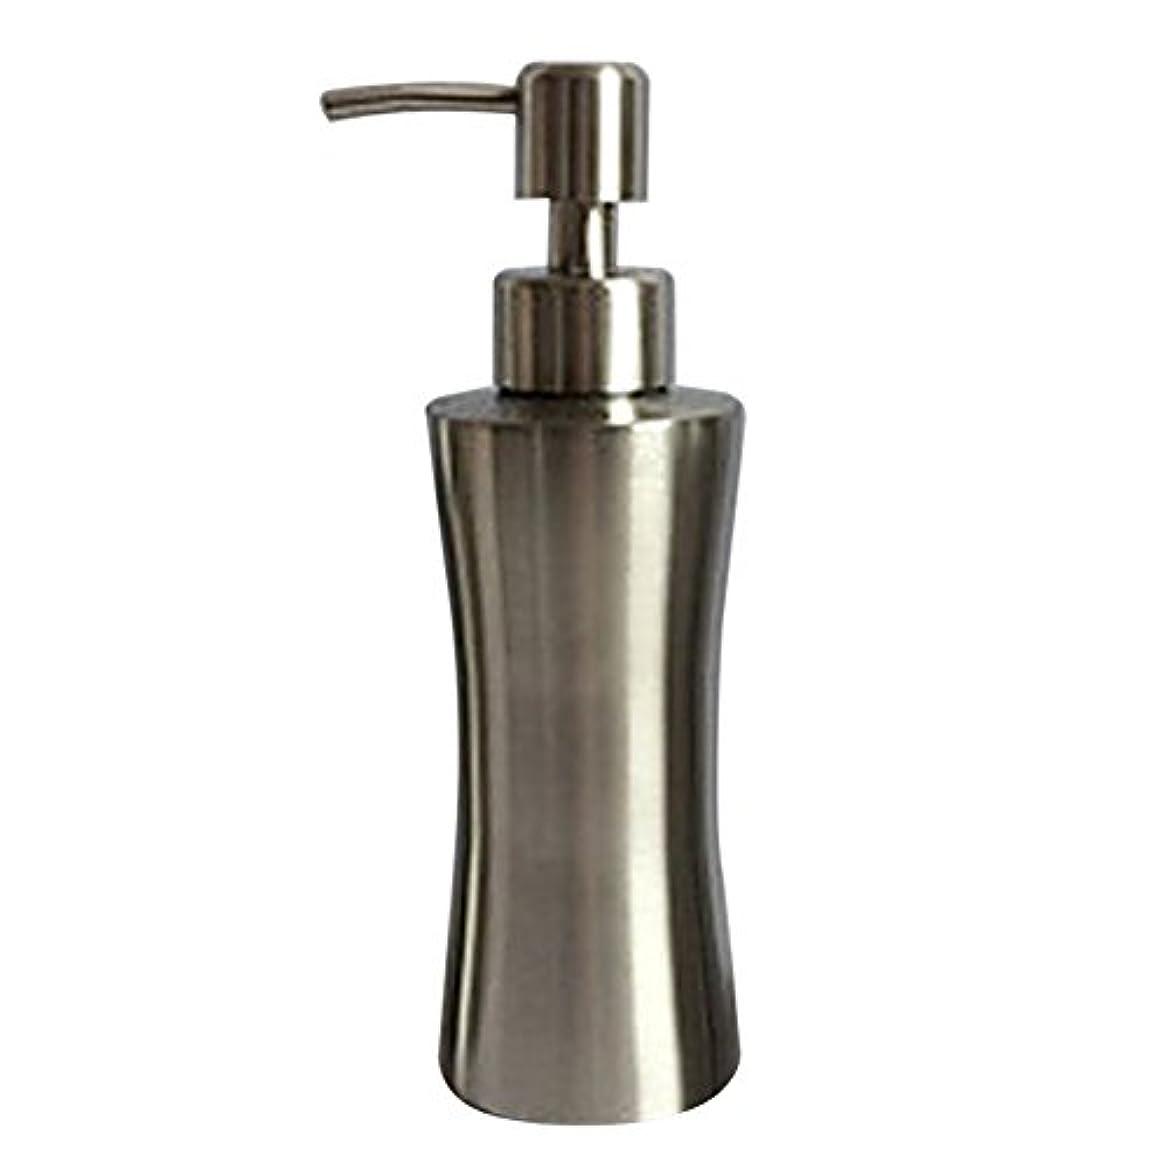 スタックアベニュー同一のディスペンサー ステンレス ボトル 容器 ソープ 石鹸 シャンプー 手洗いボトル 耐久性 錆びない 220ml/250ml/400ml (B:250ml)